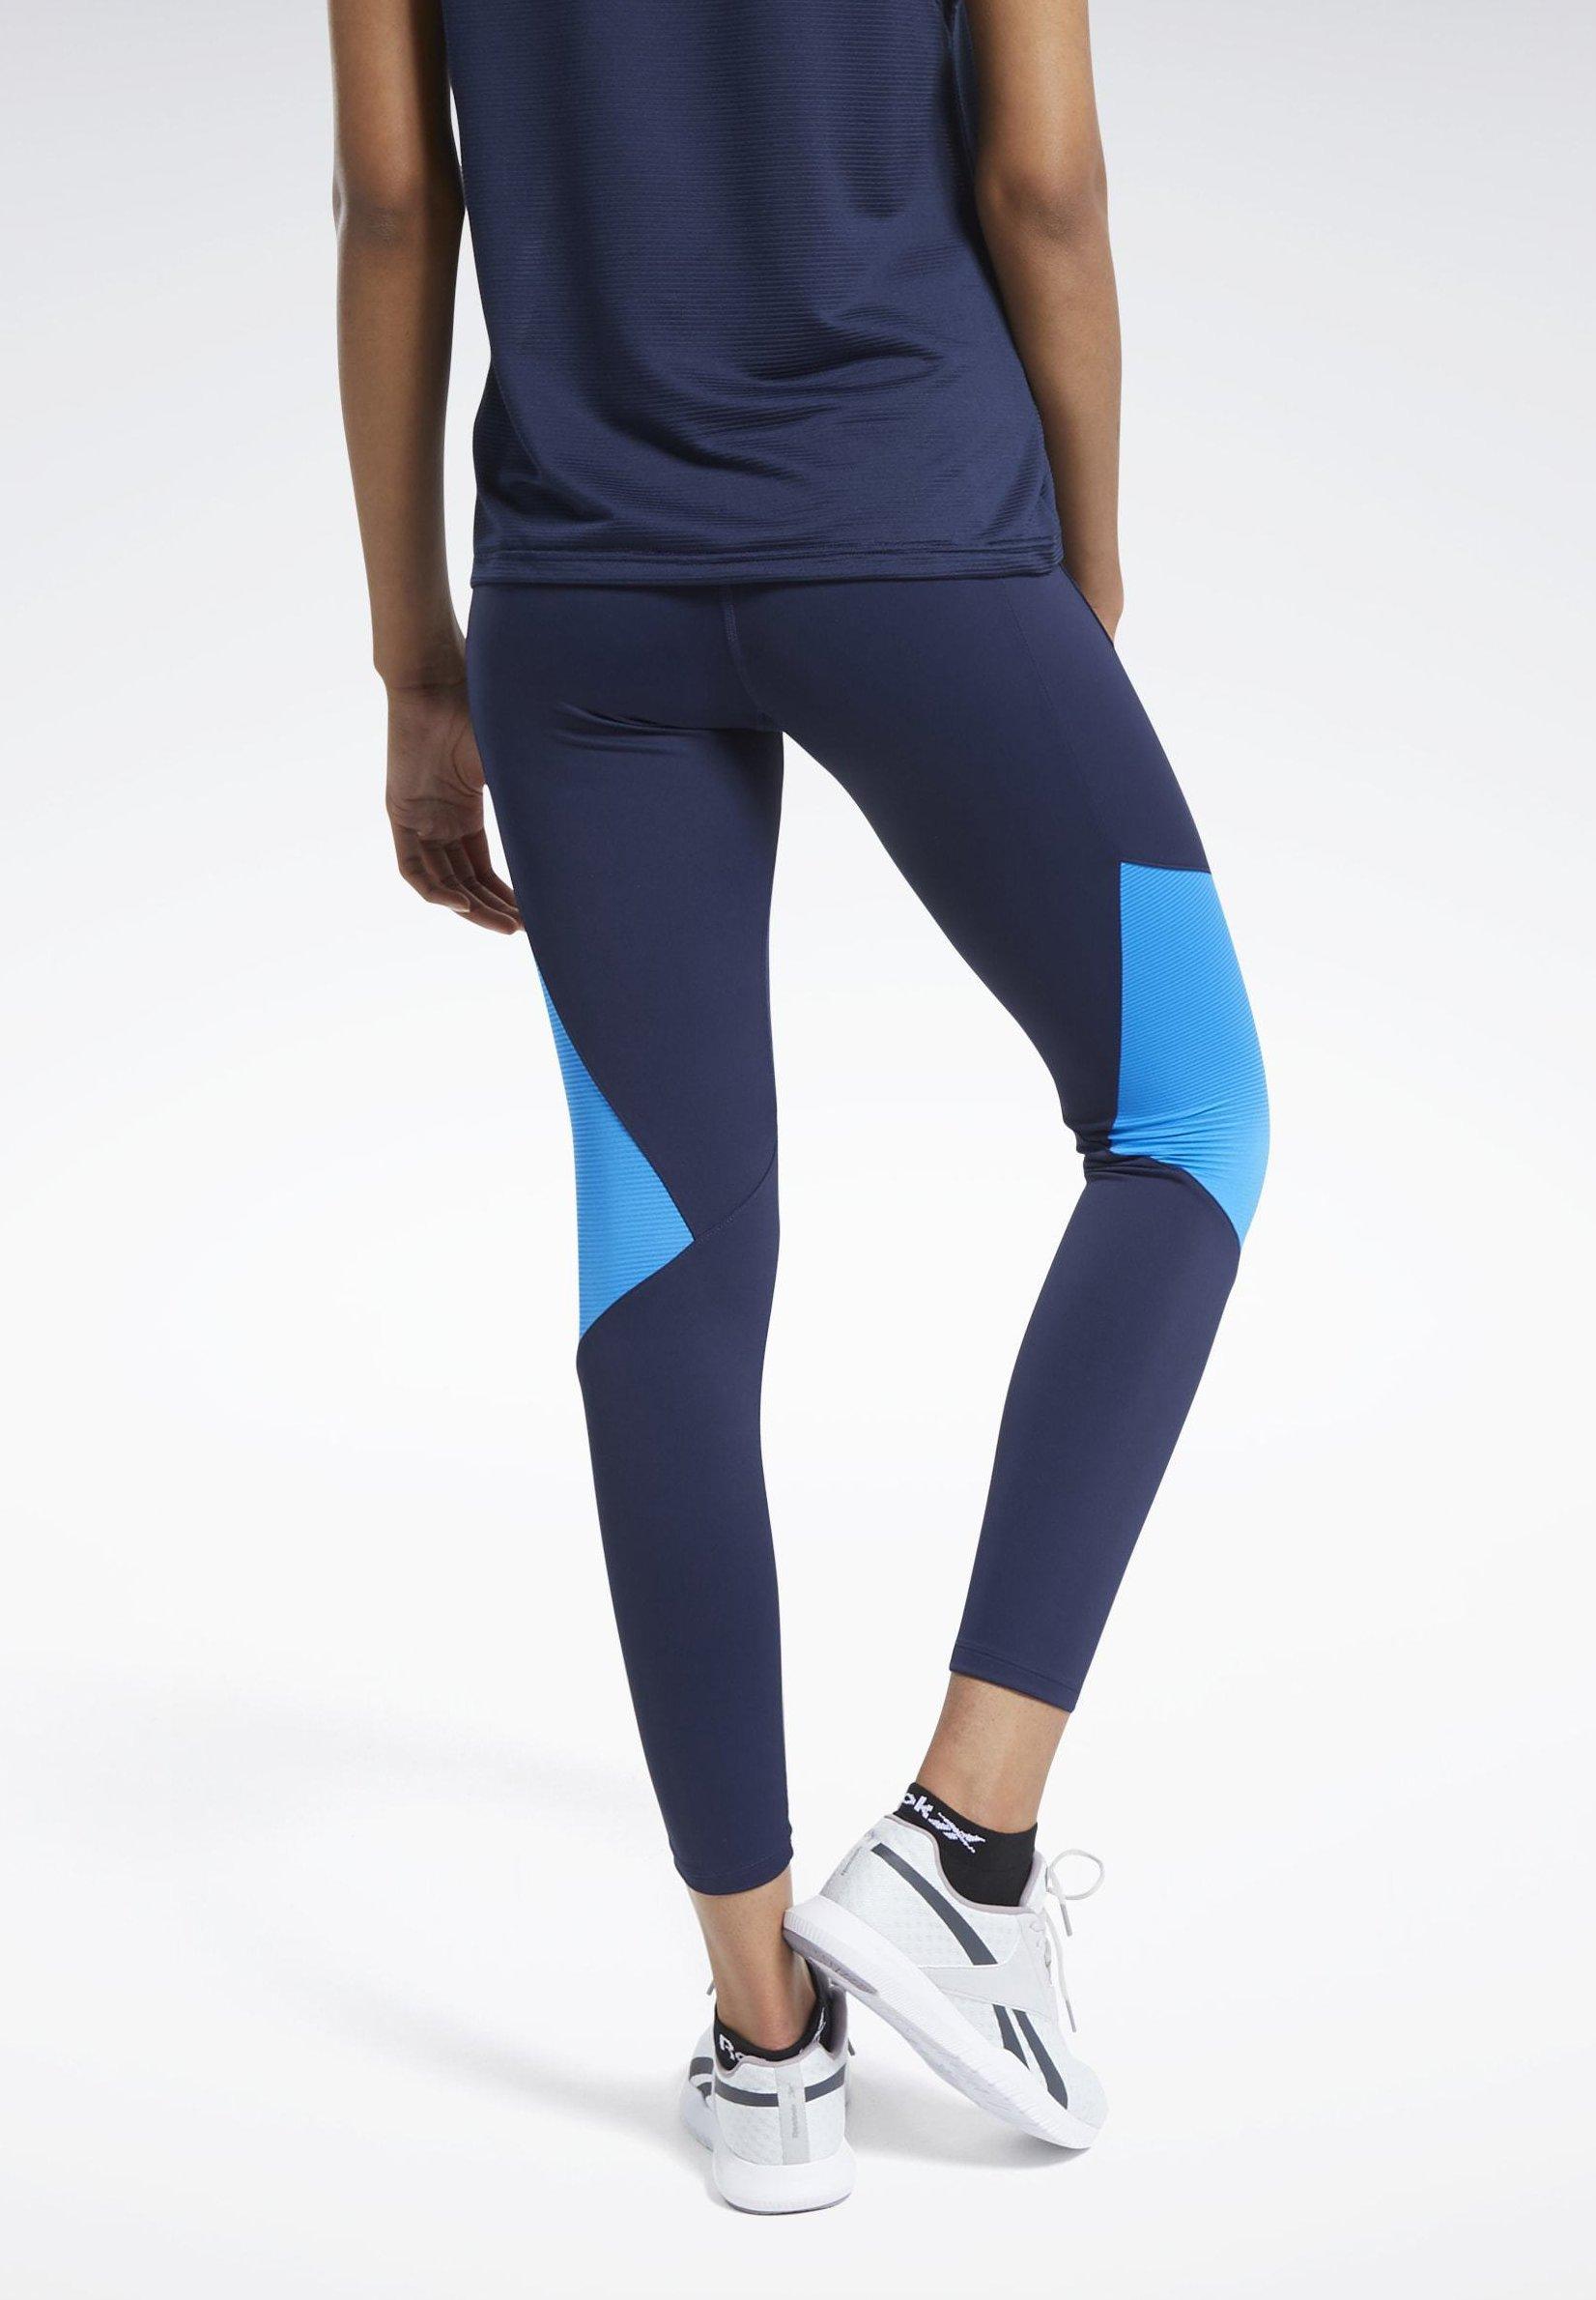 Reebok REEBOK LUX BOLD MESH 2 LEGGINGS - Leggings - blue SSW7l